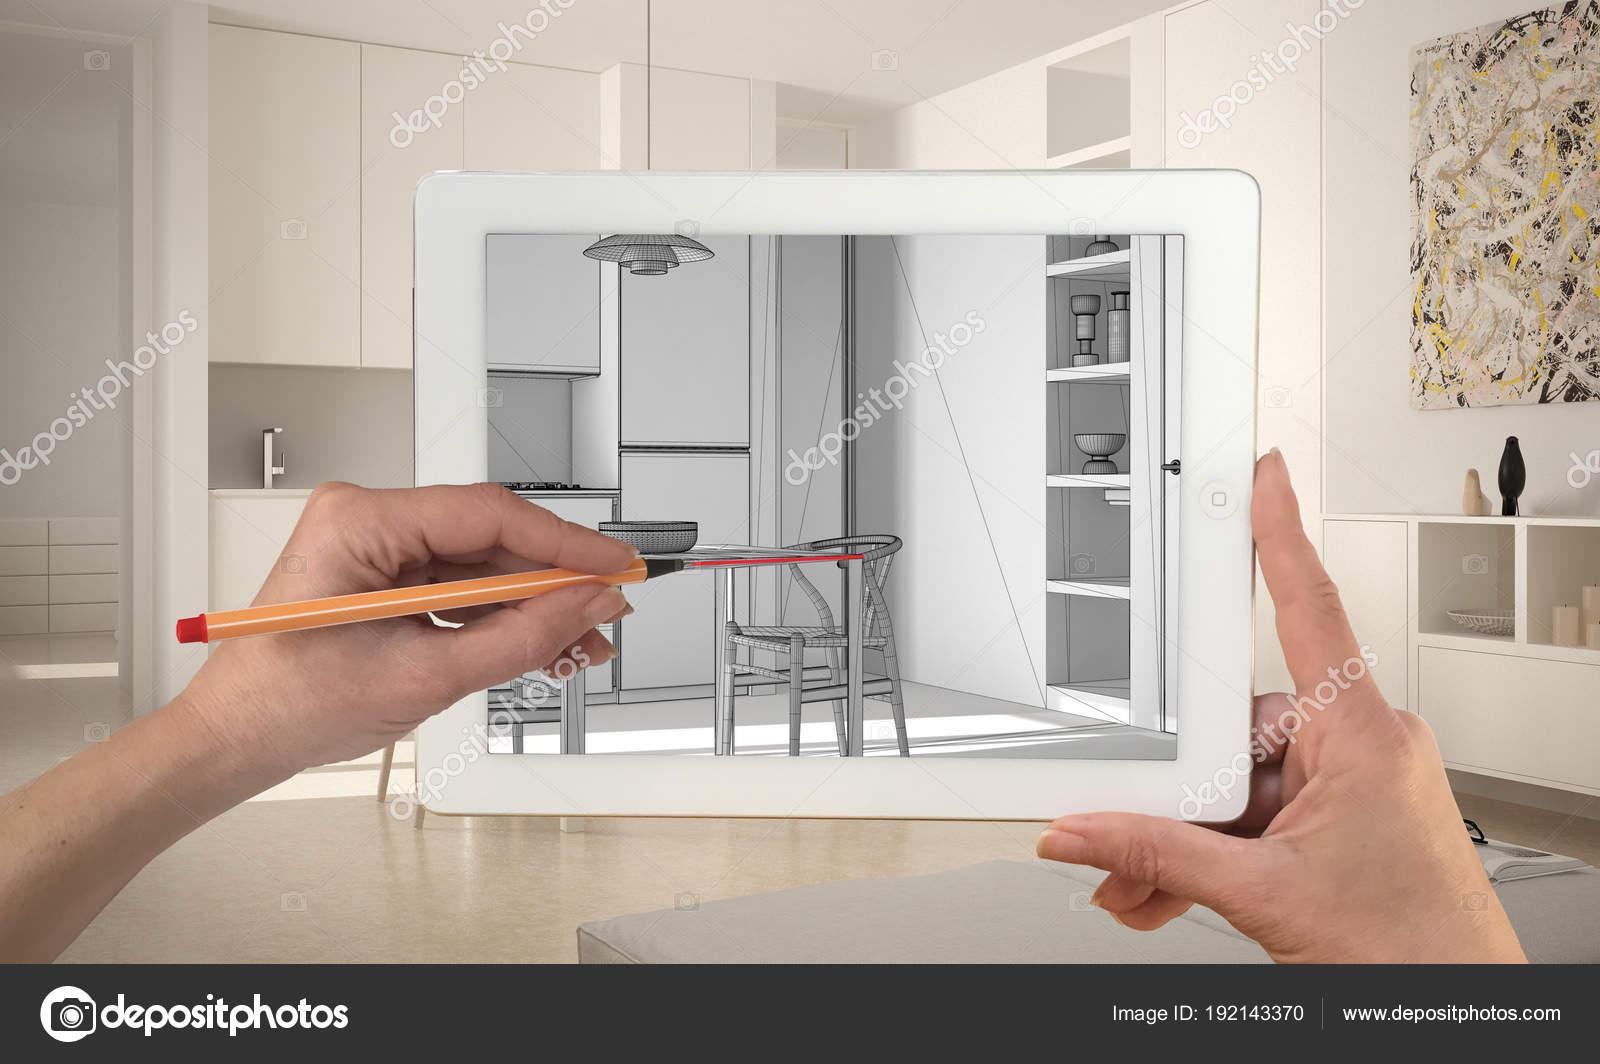 h nde halten und zeichnen auf tablet zeigt moderne k che cad skizzieren echte fertigen. Black Bedroom Furniture Sets. Home Design Ideas